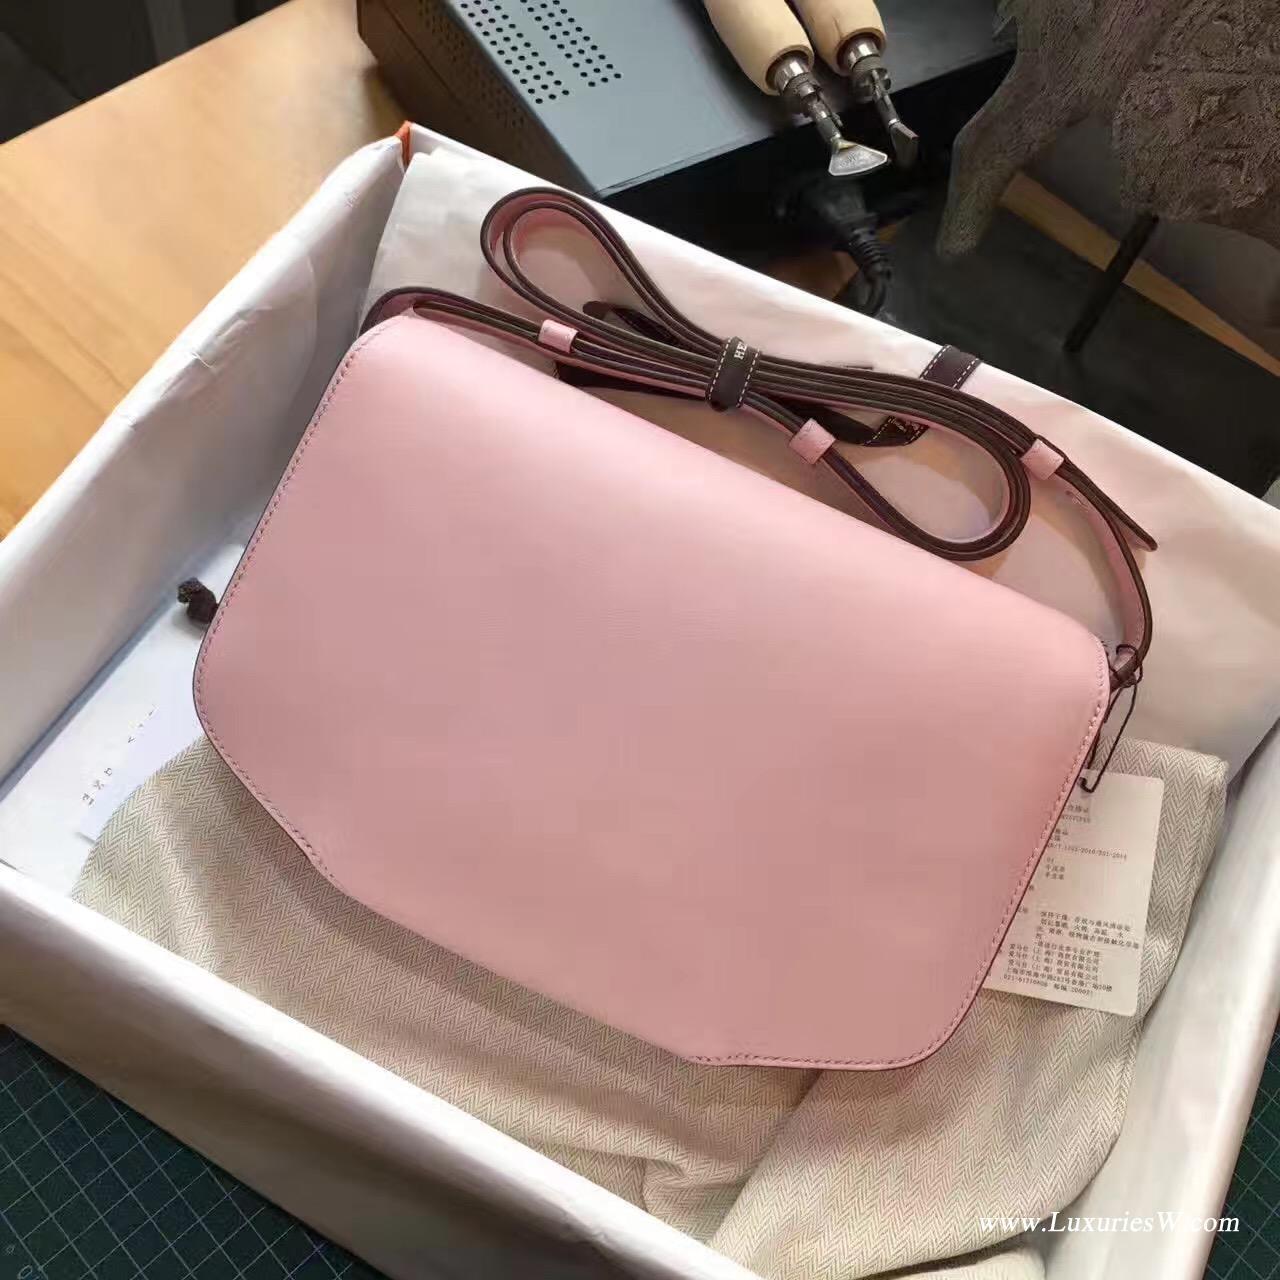 Cherche Epsom 3Q Rose Sakura Swift 新櫻花粉色銀扣